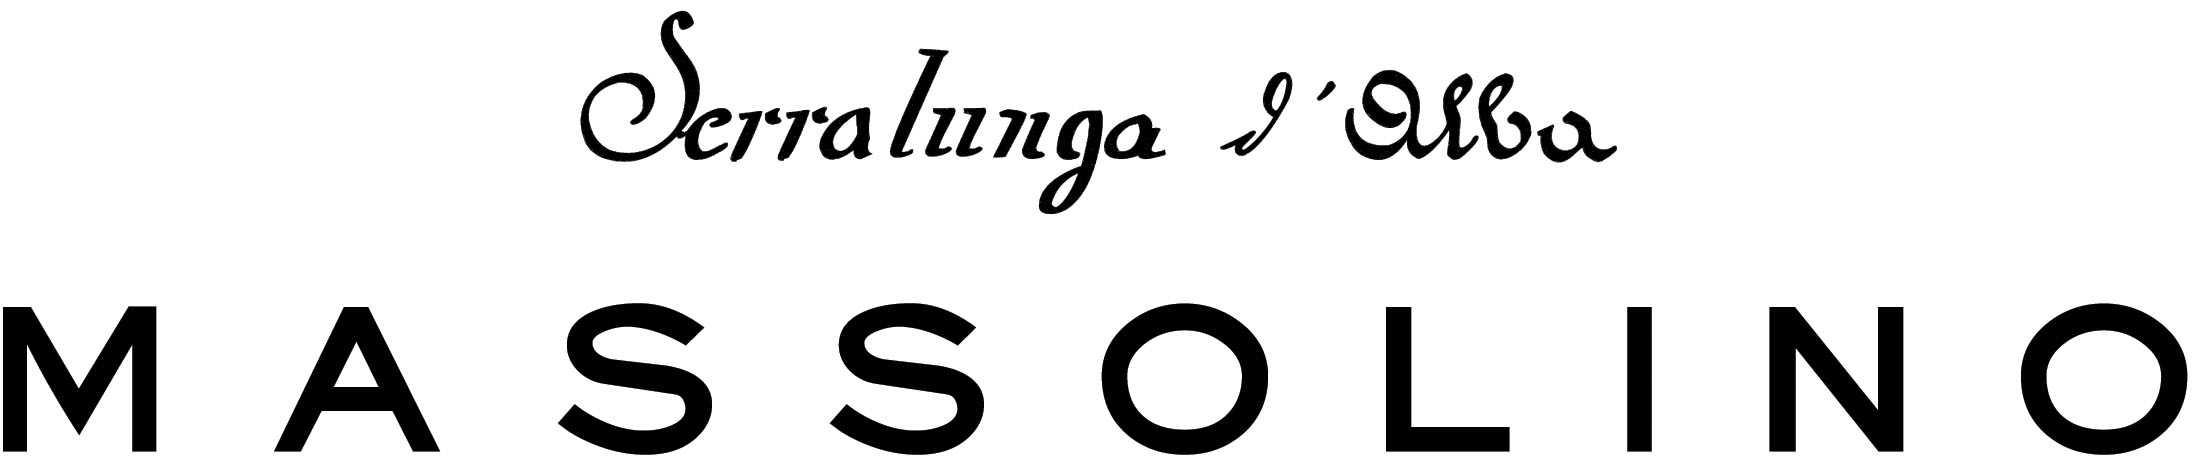 MASSOLINO F.LLI SS